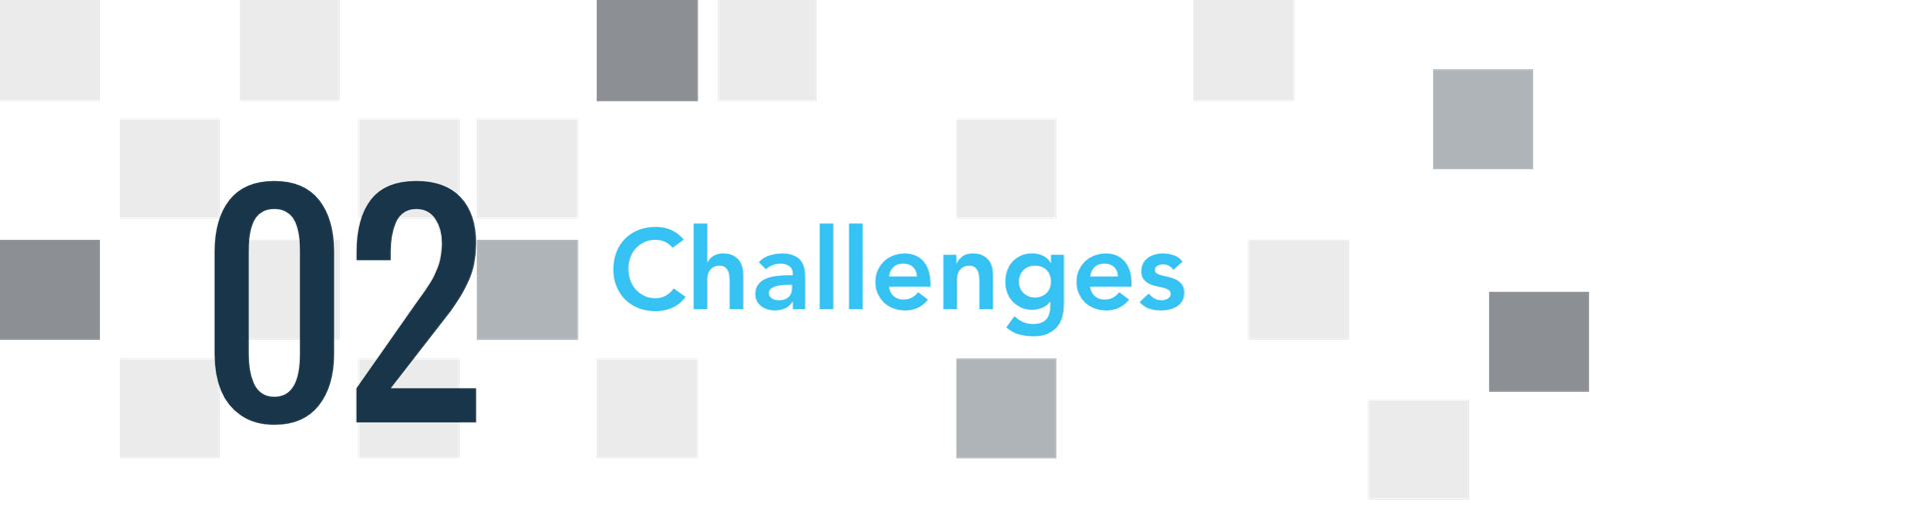 02 challenges